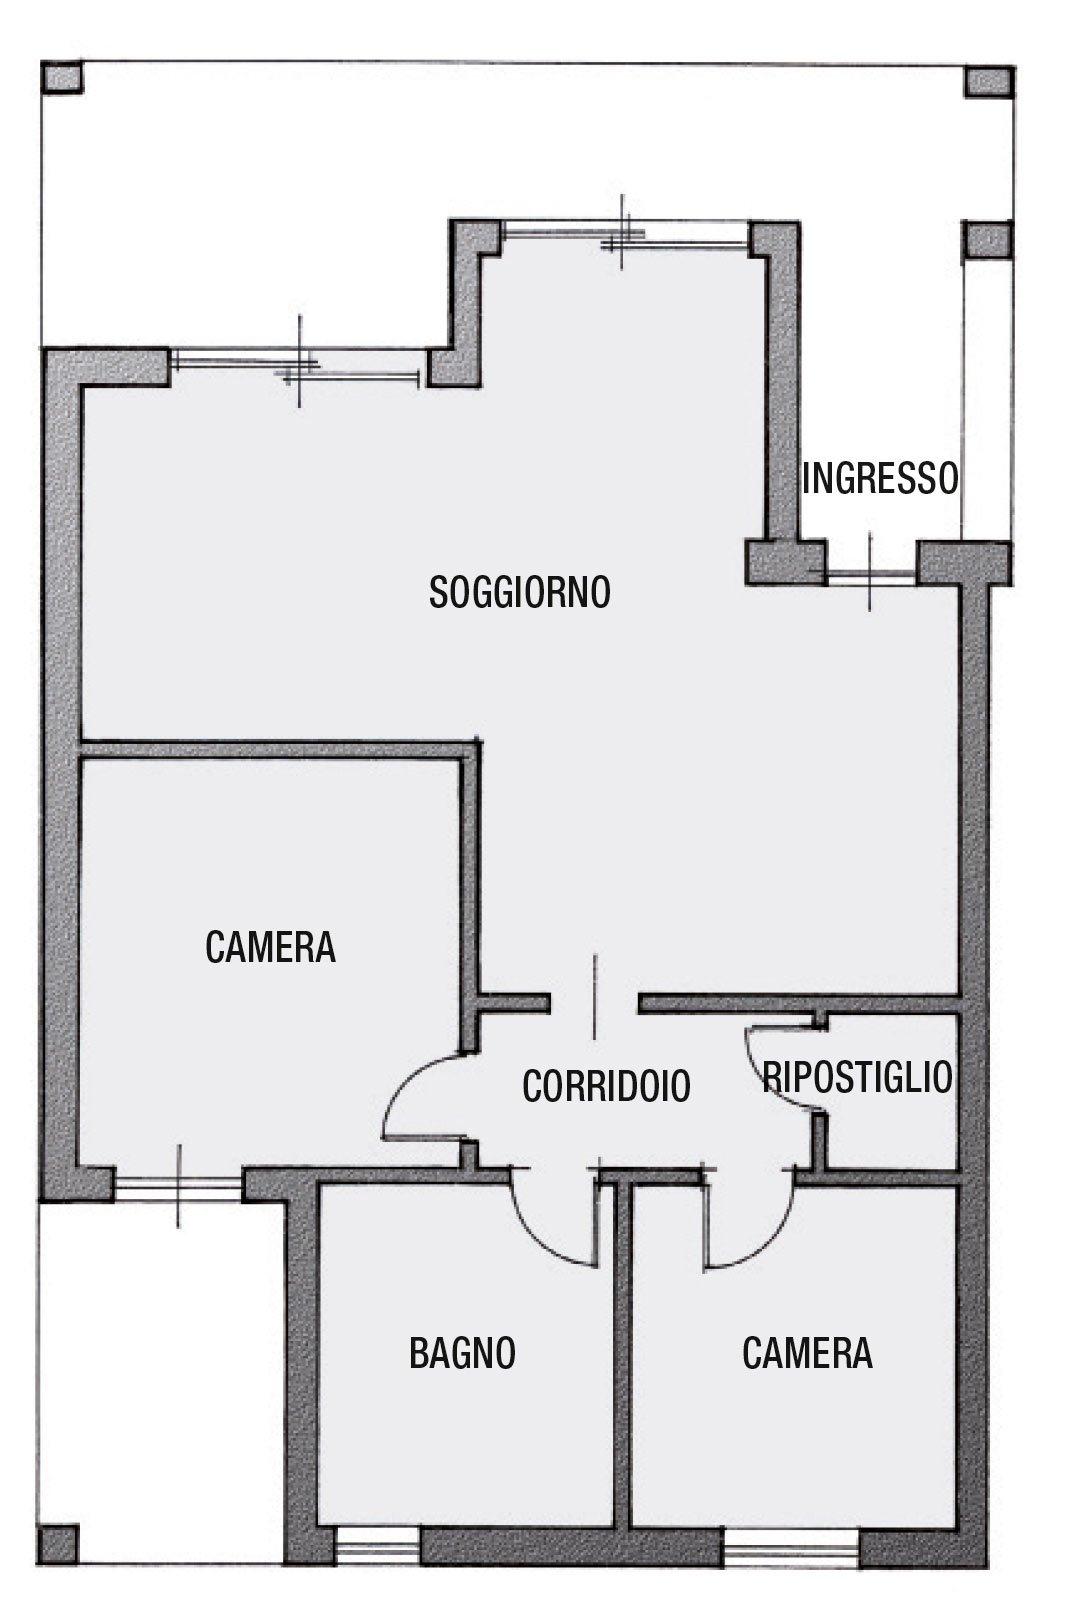 Casabook Immobiliare: Ricavare il secondo bagno. Il progetto